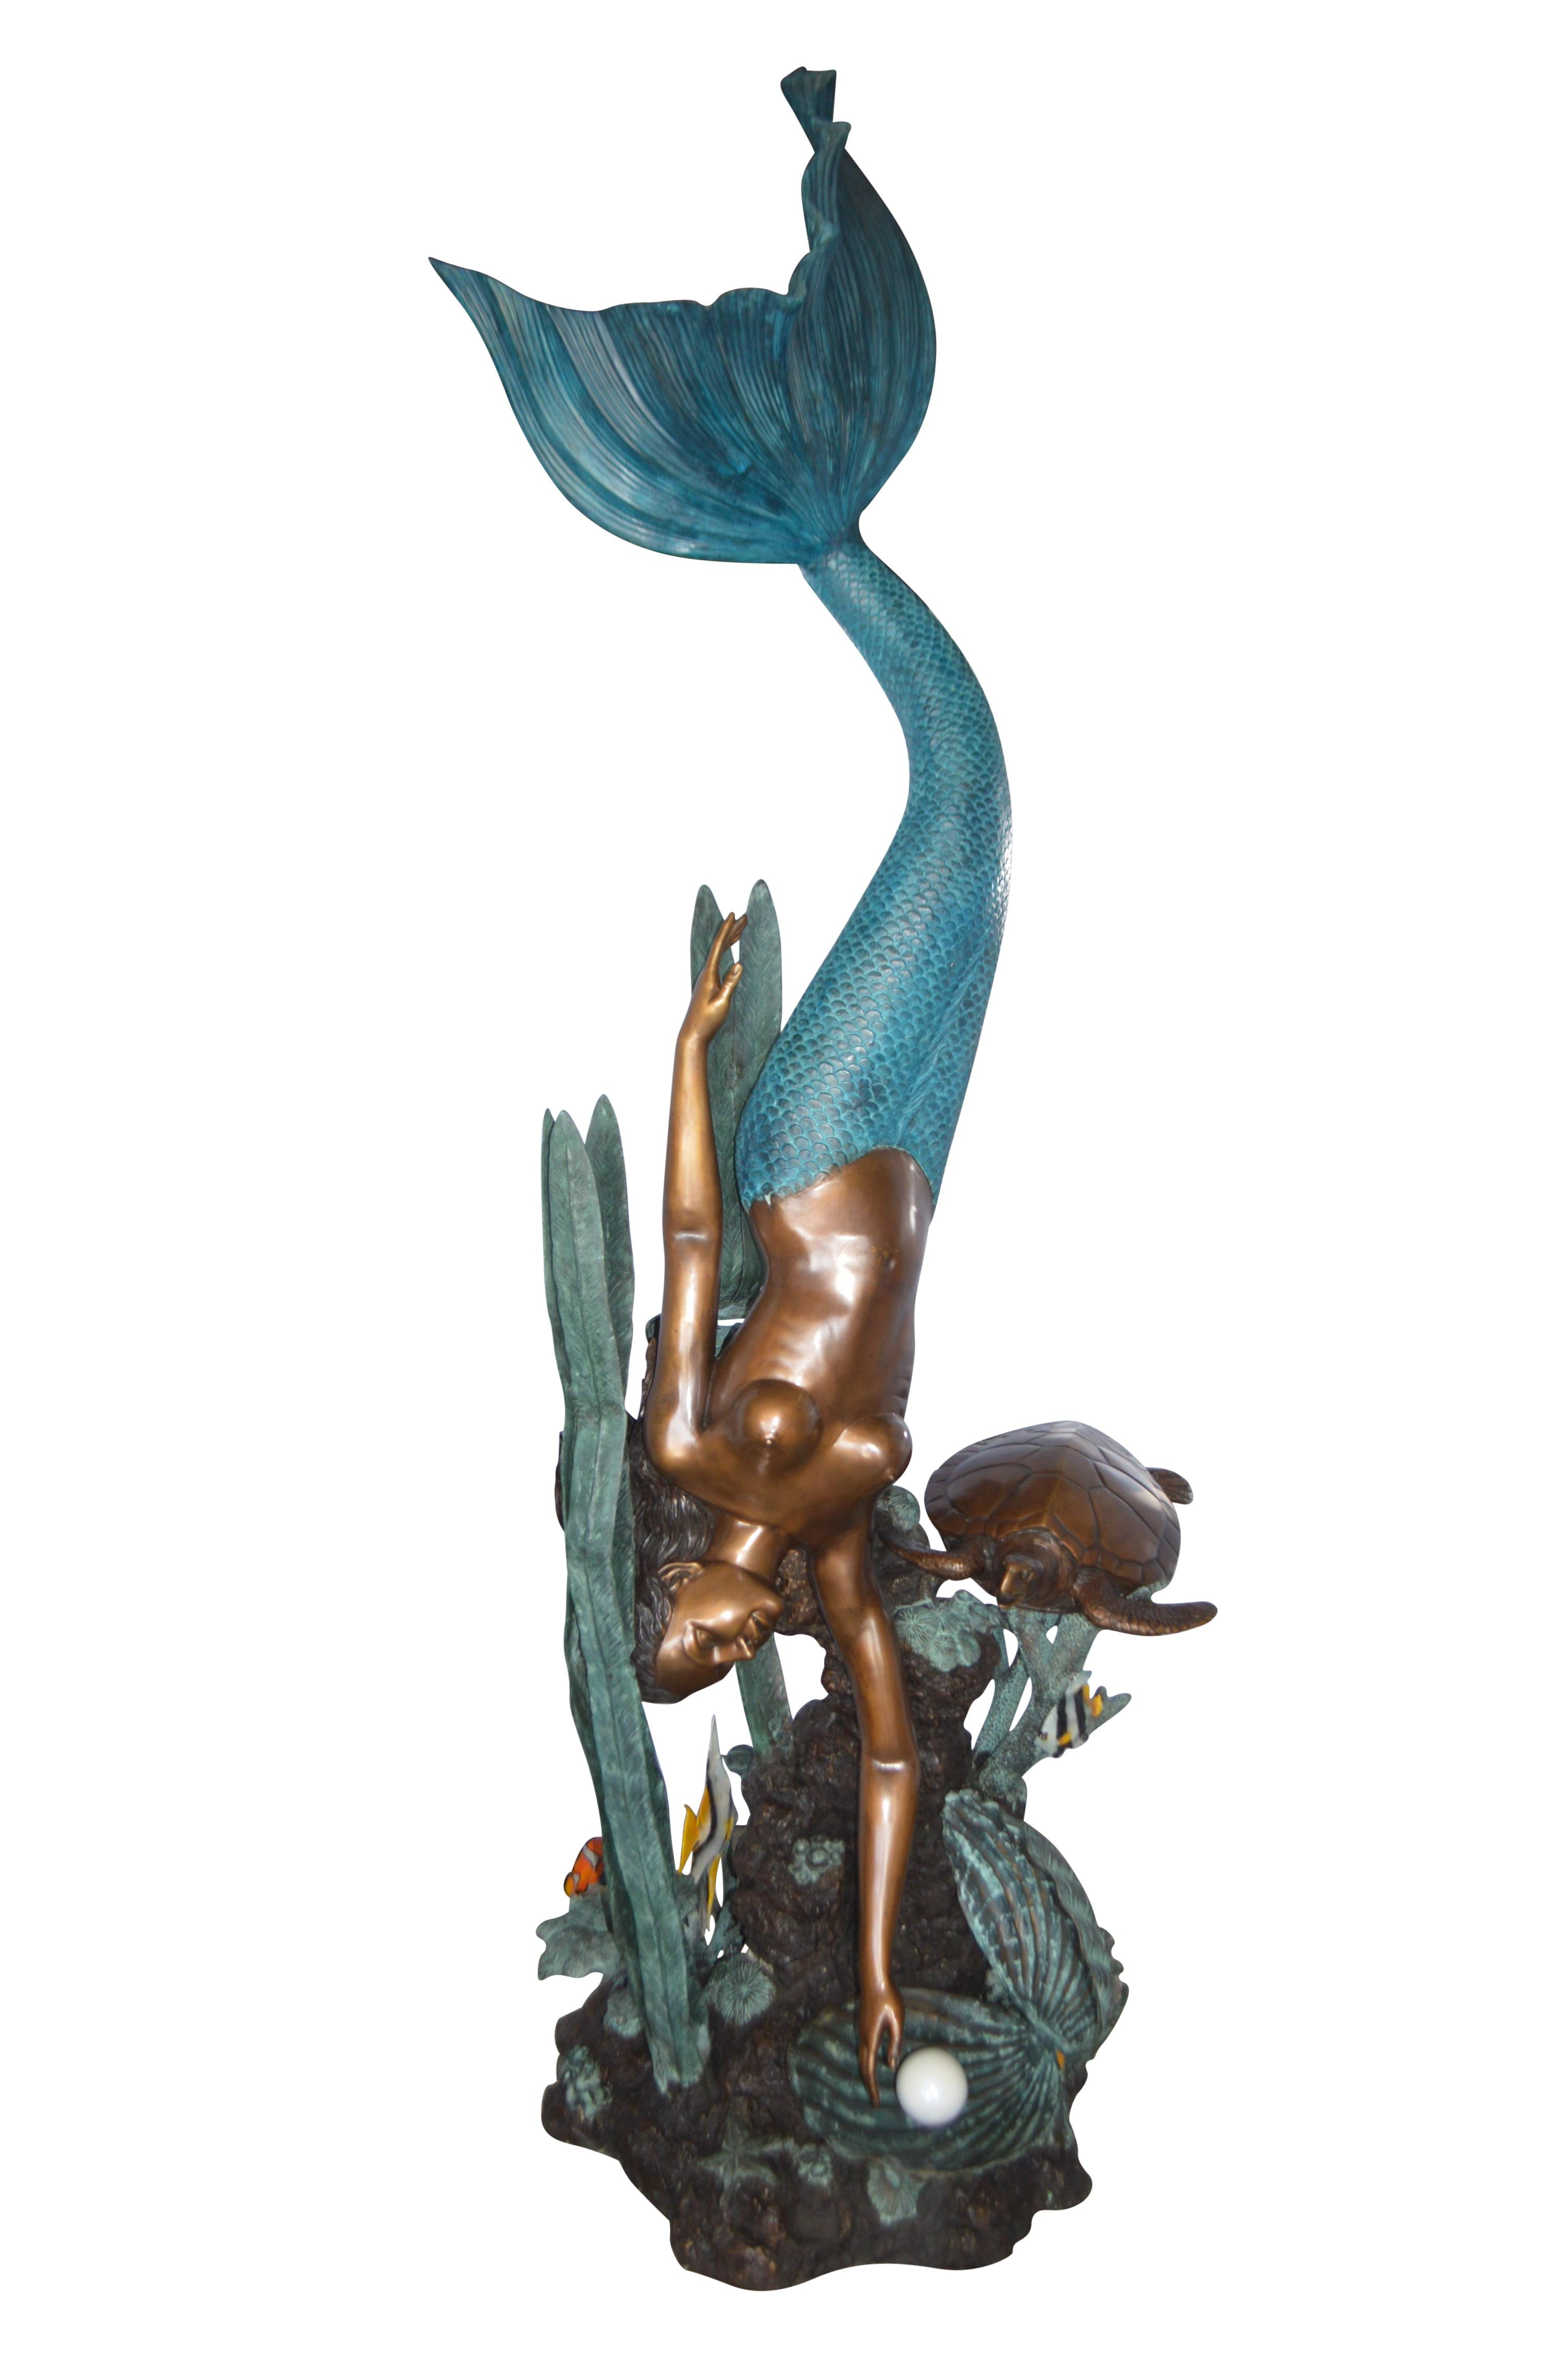 Mermaid Diving For A Pearl Fountain Bronze Statue Size 34 Quot L X 27 Quot W X 93 Quot H Walmart Com Walmart Com